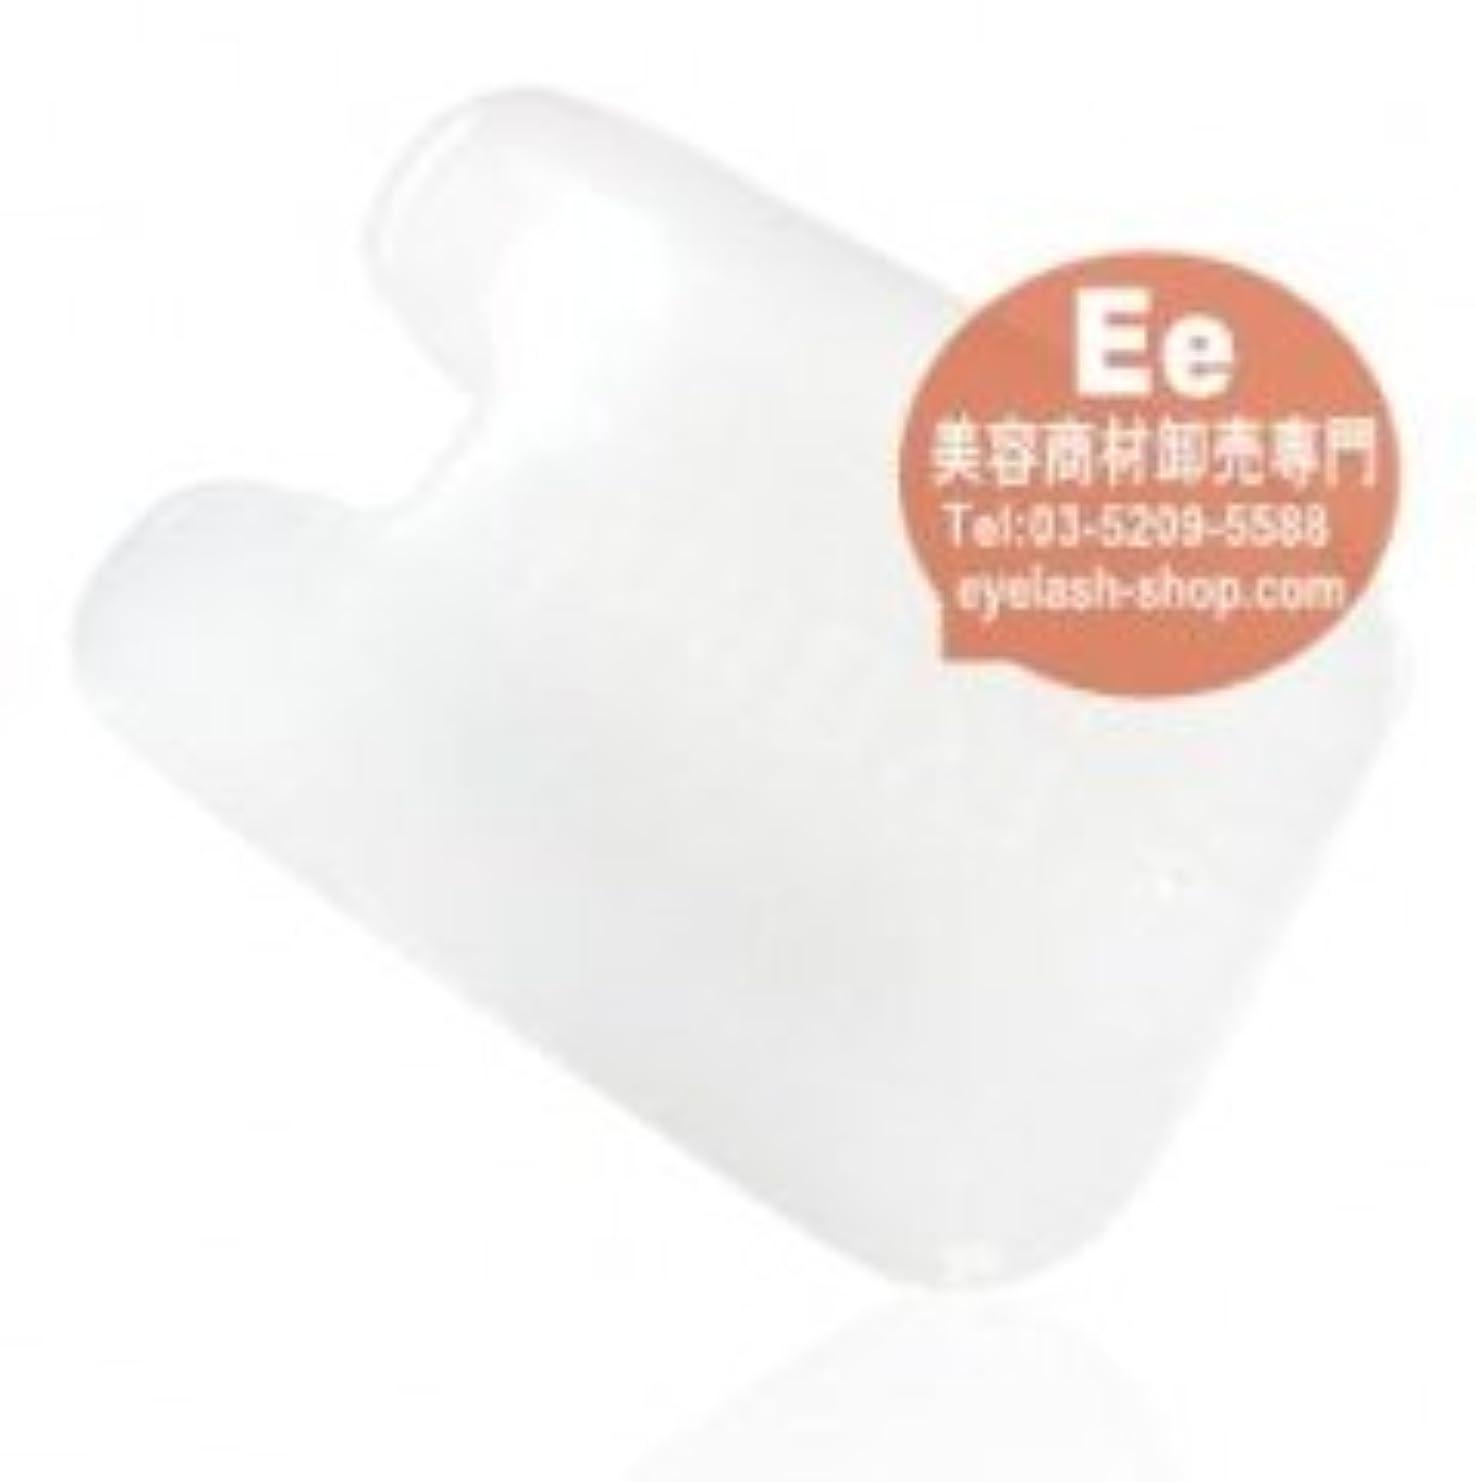 キャリッジ豊富な器用かっさ板 天然白玉ホワイトクォーツ美容カッサプレート GYB-2